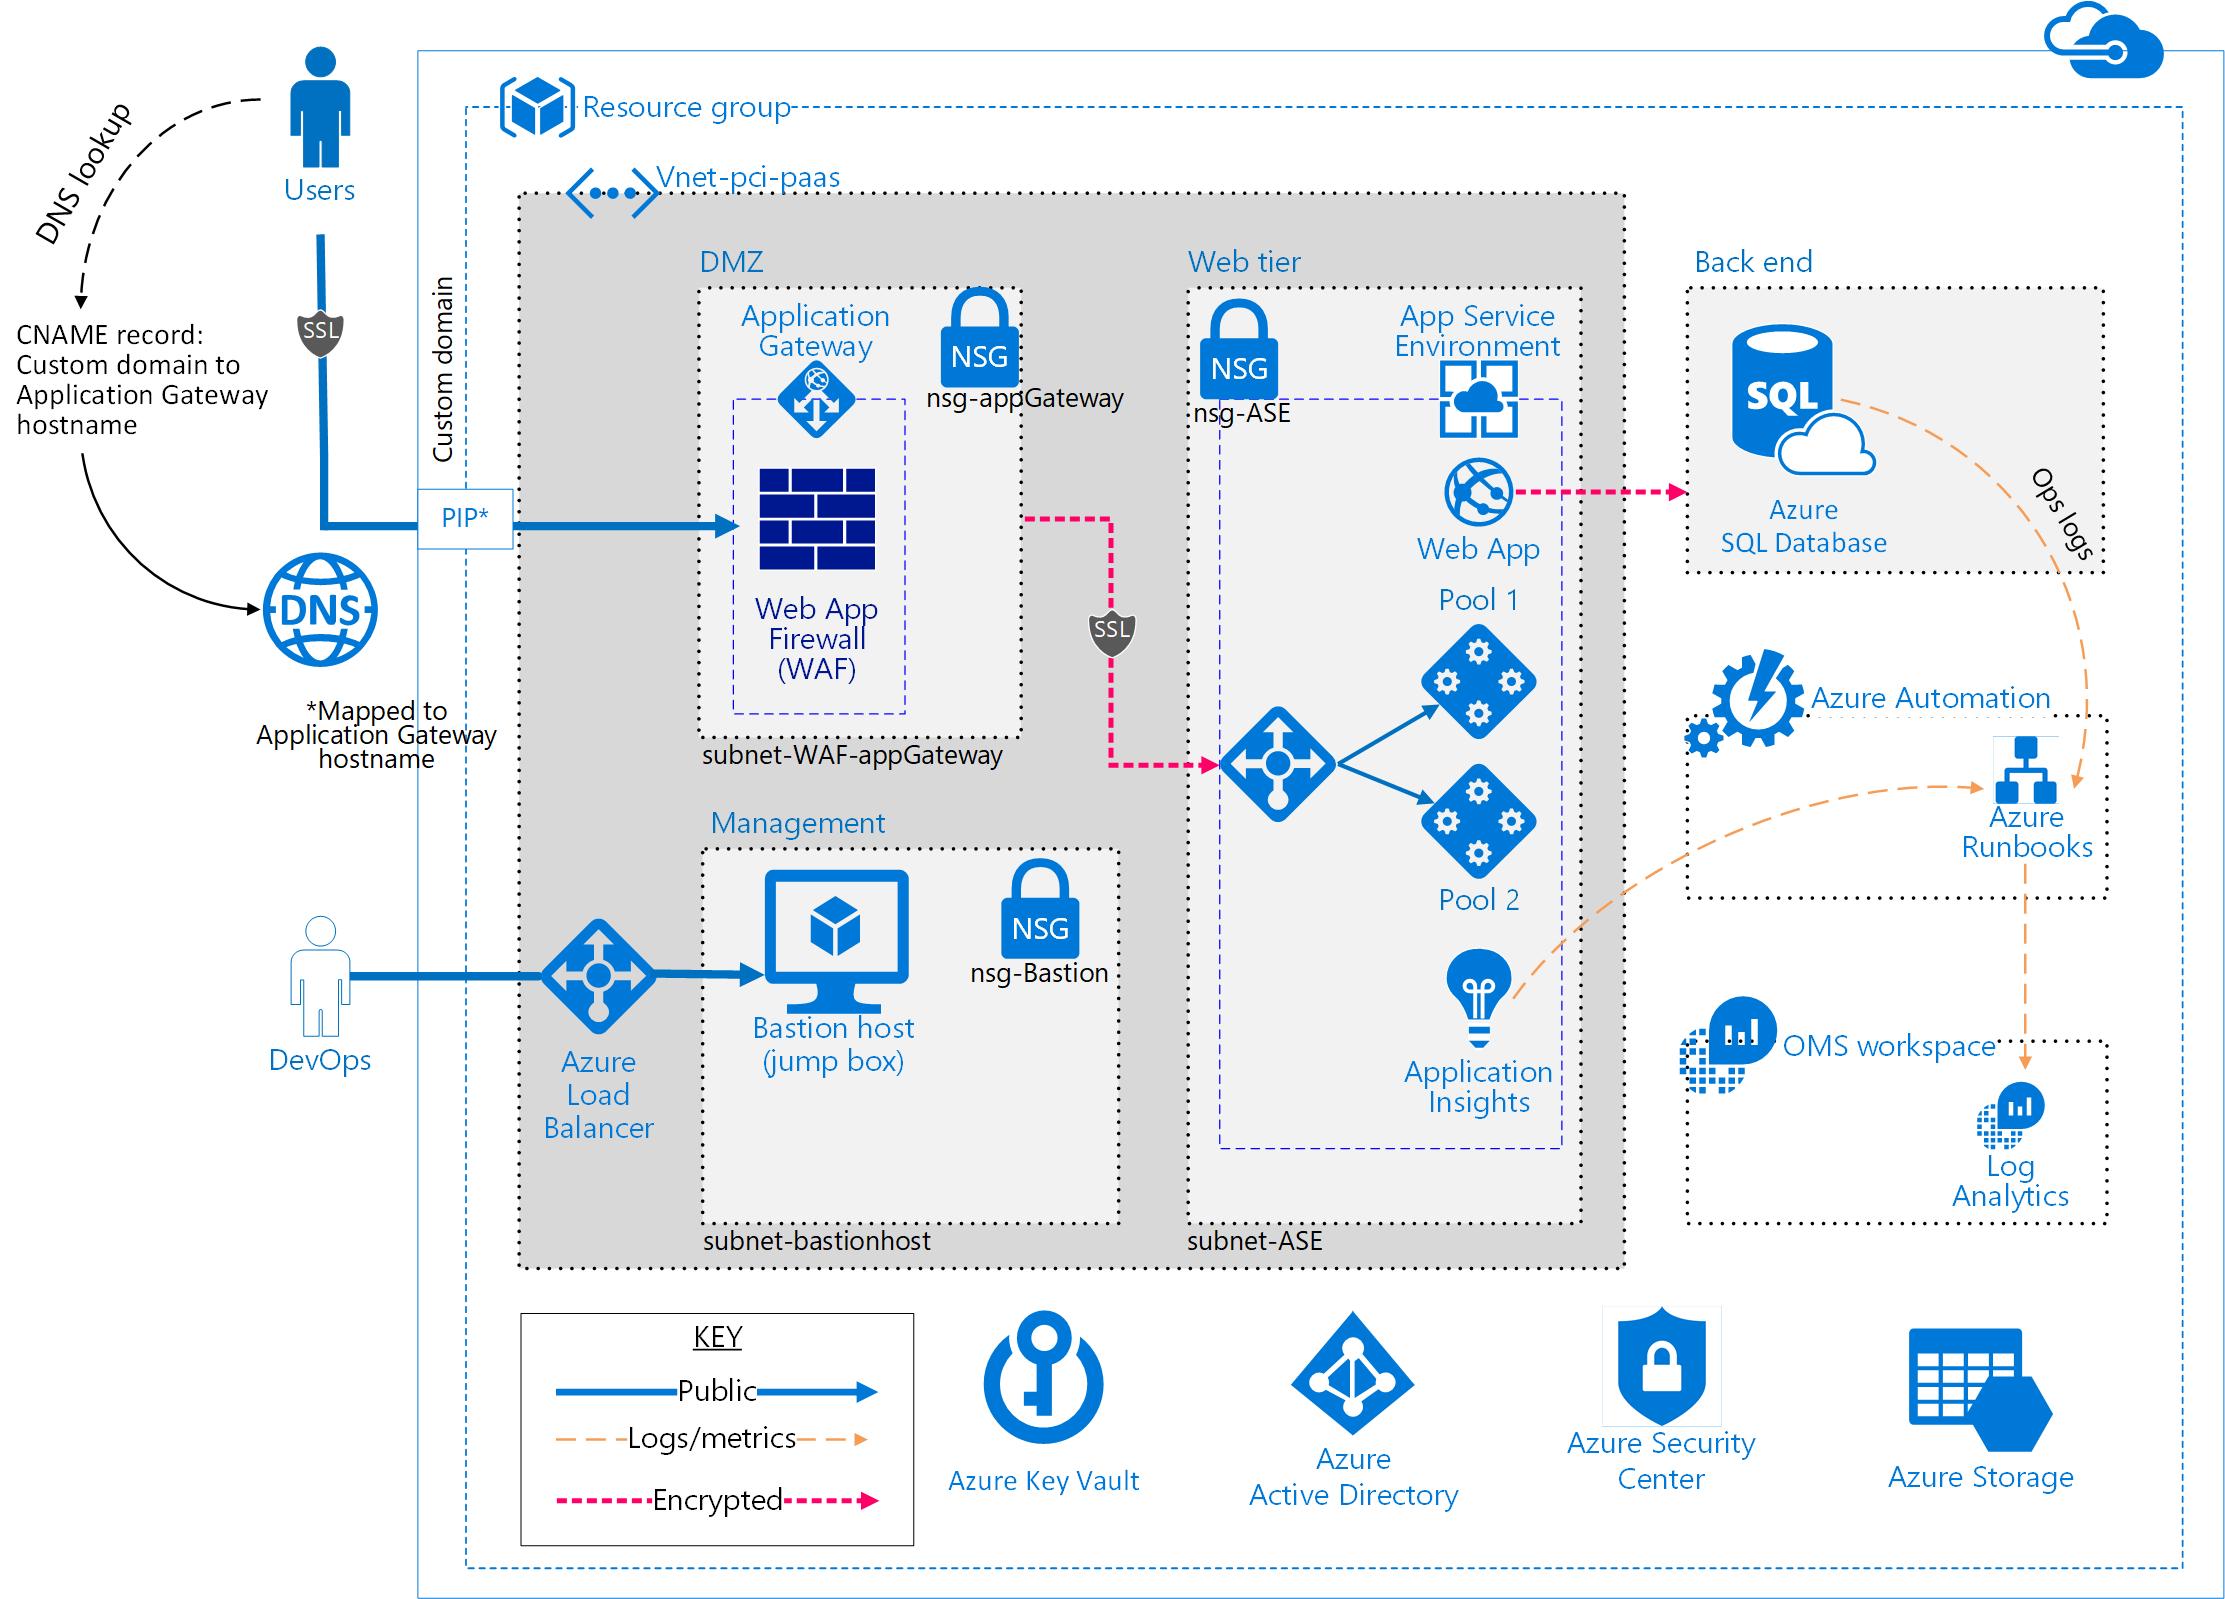 Azure のセキュリティとコンプライアンスのブループリント Pci Dss 準拠の支払い処理環境